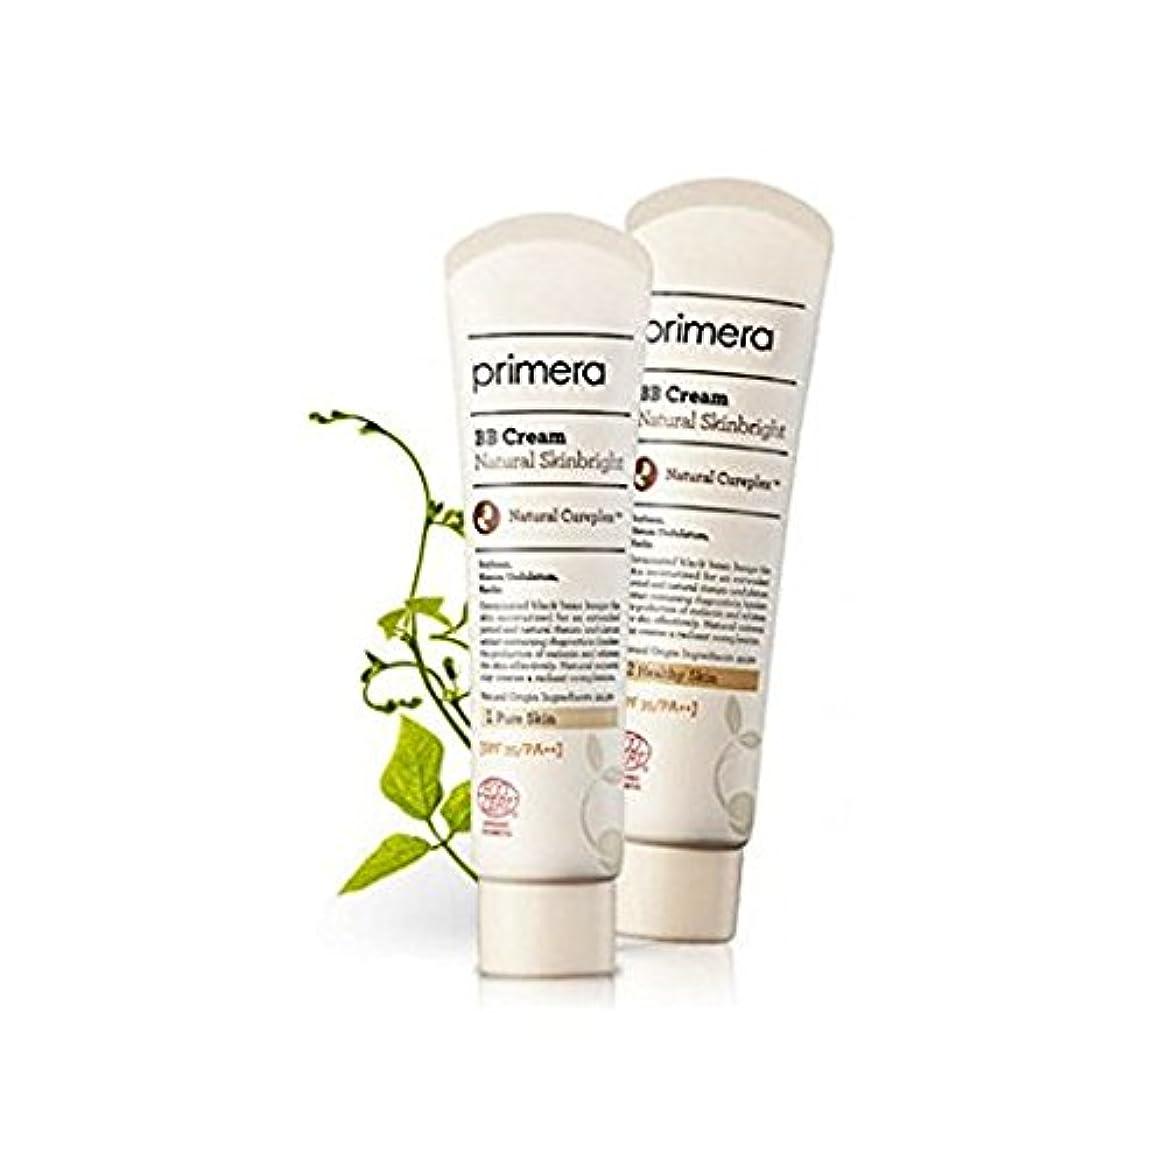 なんとなくグラム気になるPrimera(プリメラ) ナチュラル スキン ブライト BBクリーム 30ml(Healthy Skin) /Primera Natural Skin Bright BB Cream 30ml(Healthy Skin...